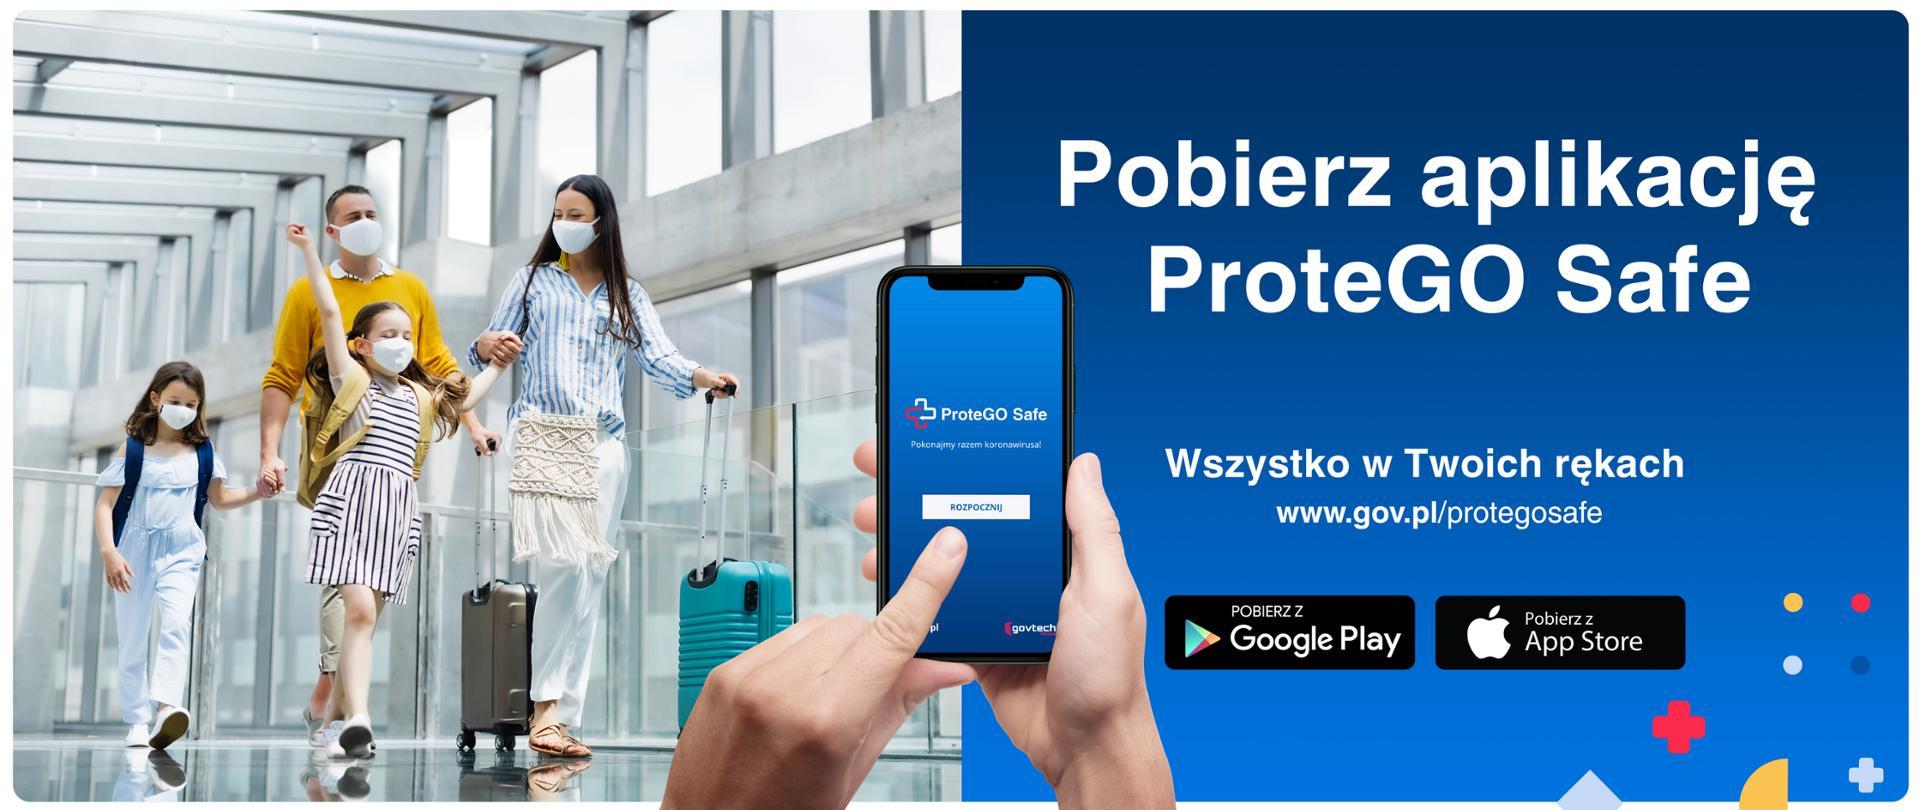 Z ProteGO Safe bezpiecznie po Unii Europejskiej - Ministerstwo Cyfryzacji -  Portal Gov.pl